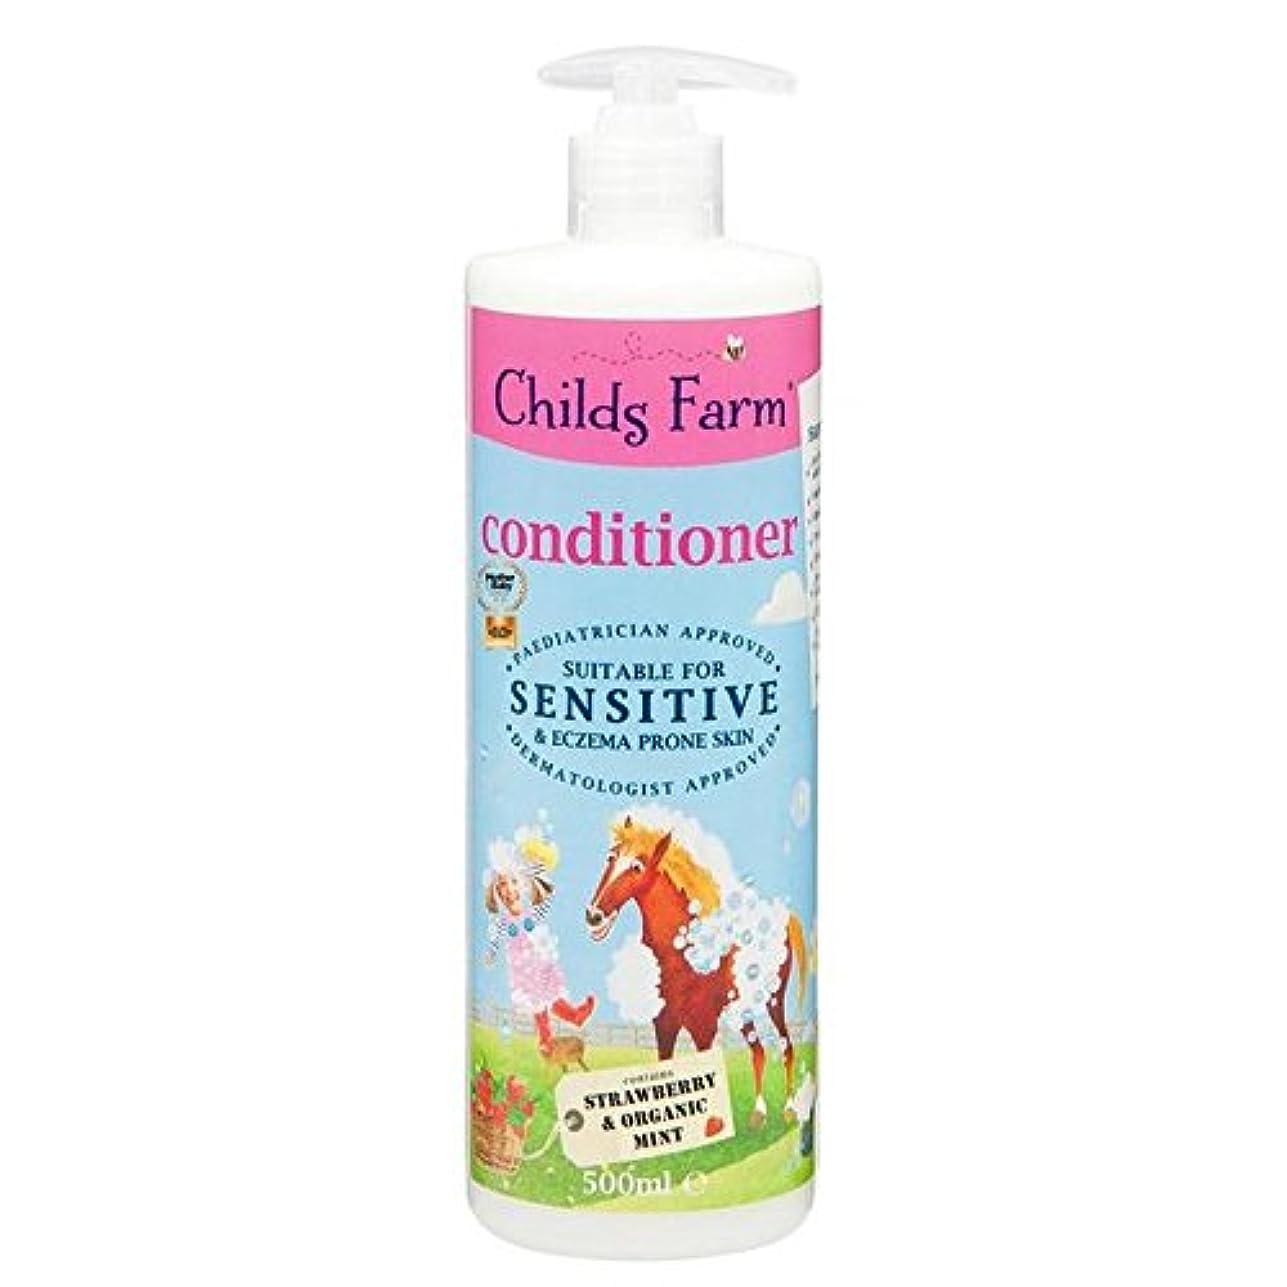 ページェント師匠スペイン語Childs Farm Conditioner for Unruly Hair 500ml - 手に負えない髪の500ミリリットルのためのチャイルズファームコンディショナー [並行輸入品]